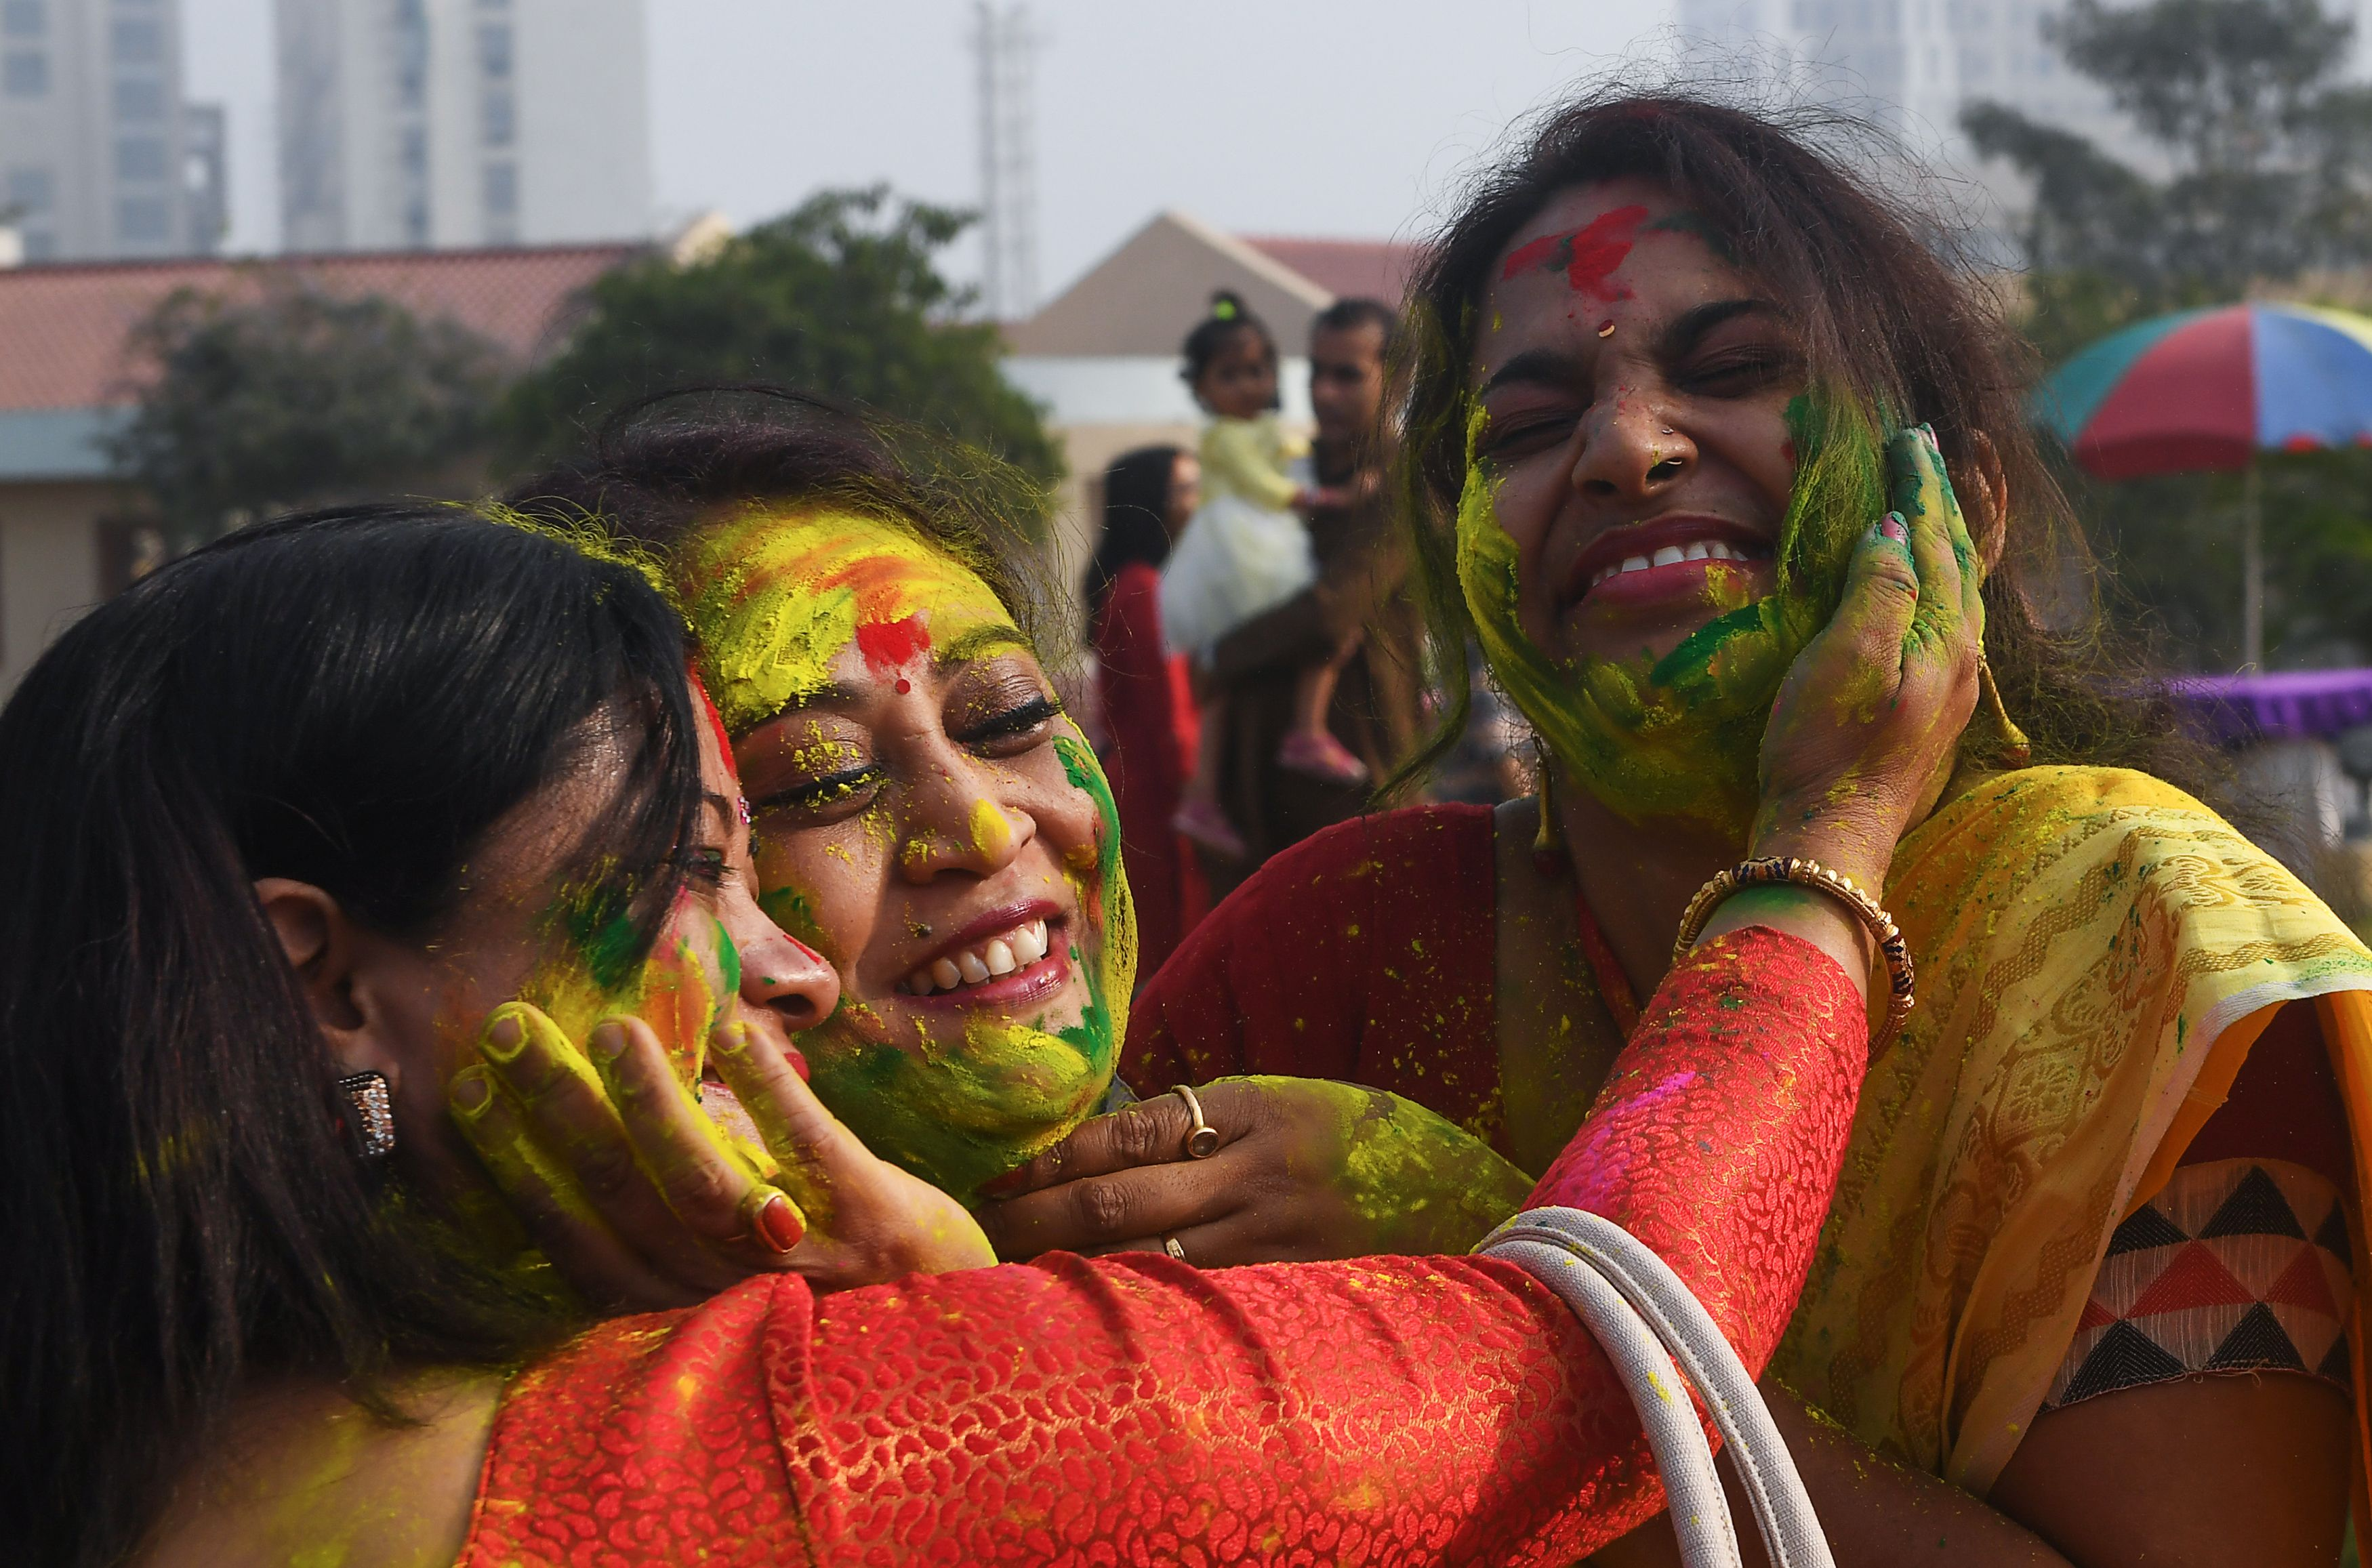 وضع الألوان على وجوه سيدات بالهند احتفالا باعياد الربيع